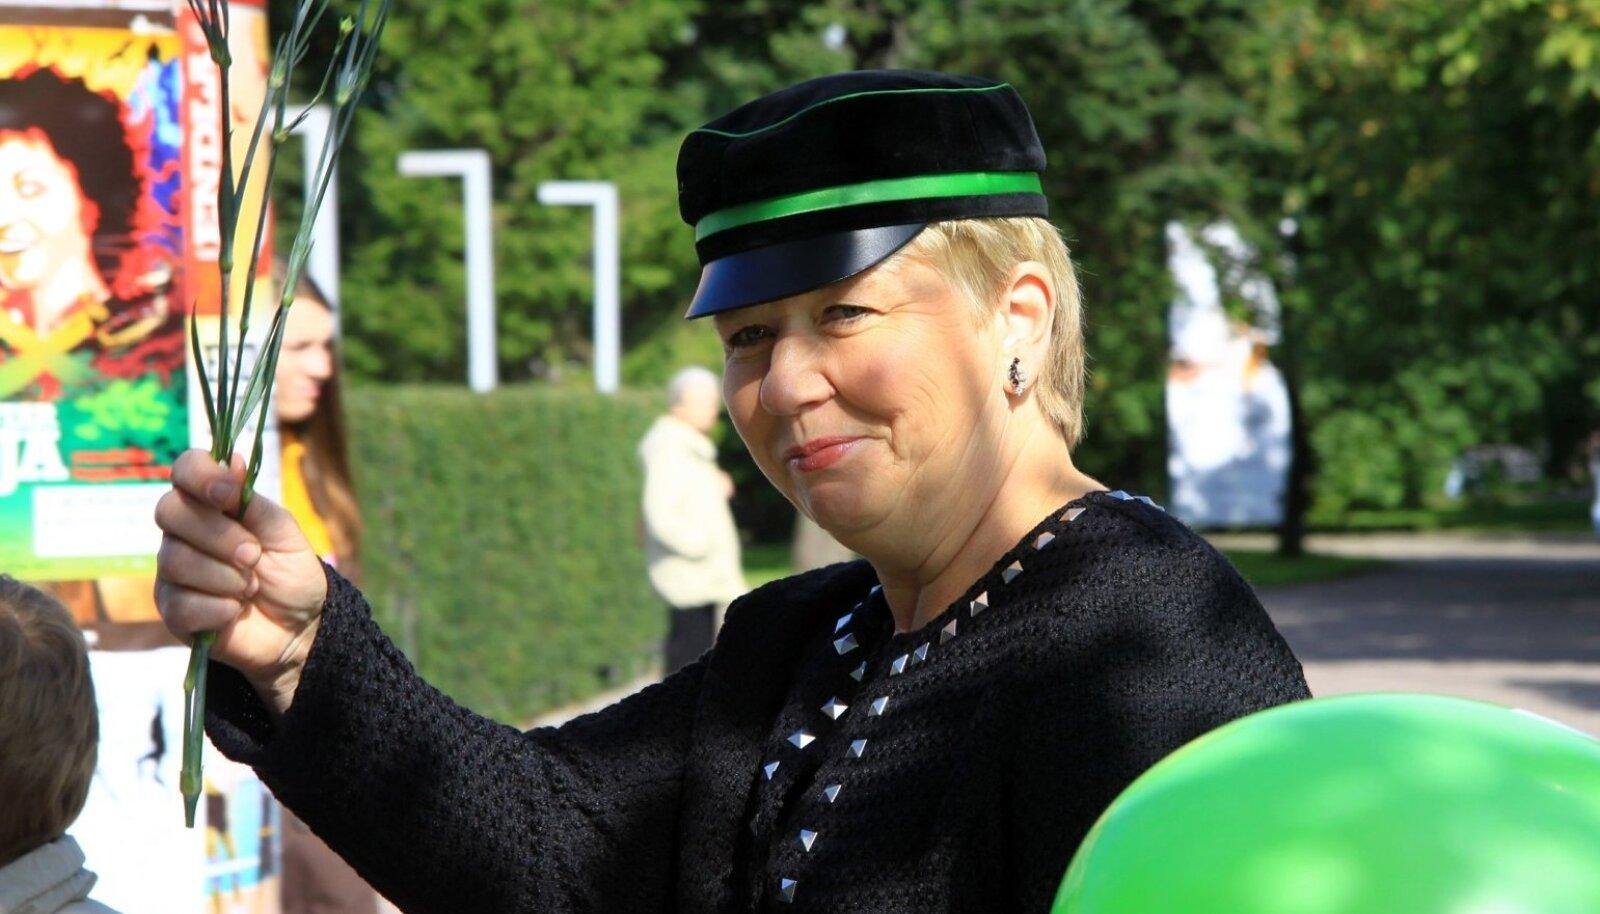 Pärnumaa Kutsehariduskeskuse direktor Riina Müürsepp hoiab kooli värve au sees ja kinnitab, et Tihemetsa Voltveti keskus jääb ka edaspidi oluliseks metsahariduse jagajaks.